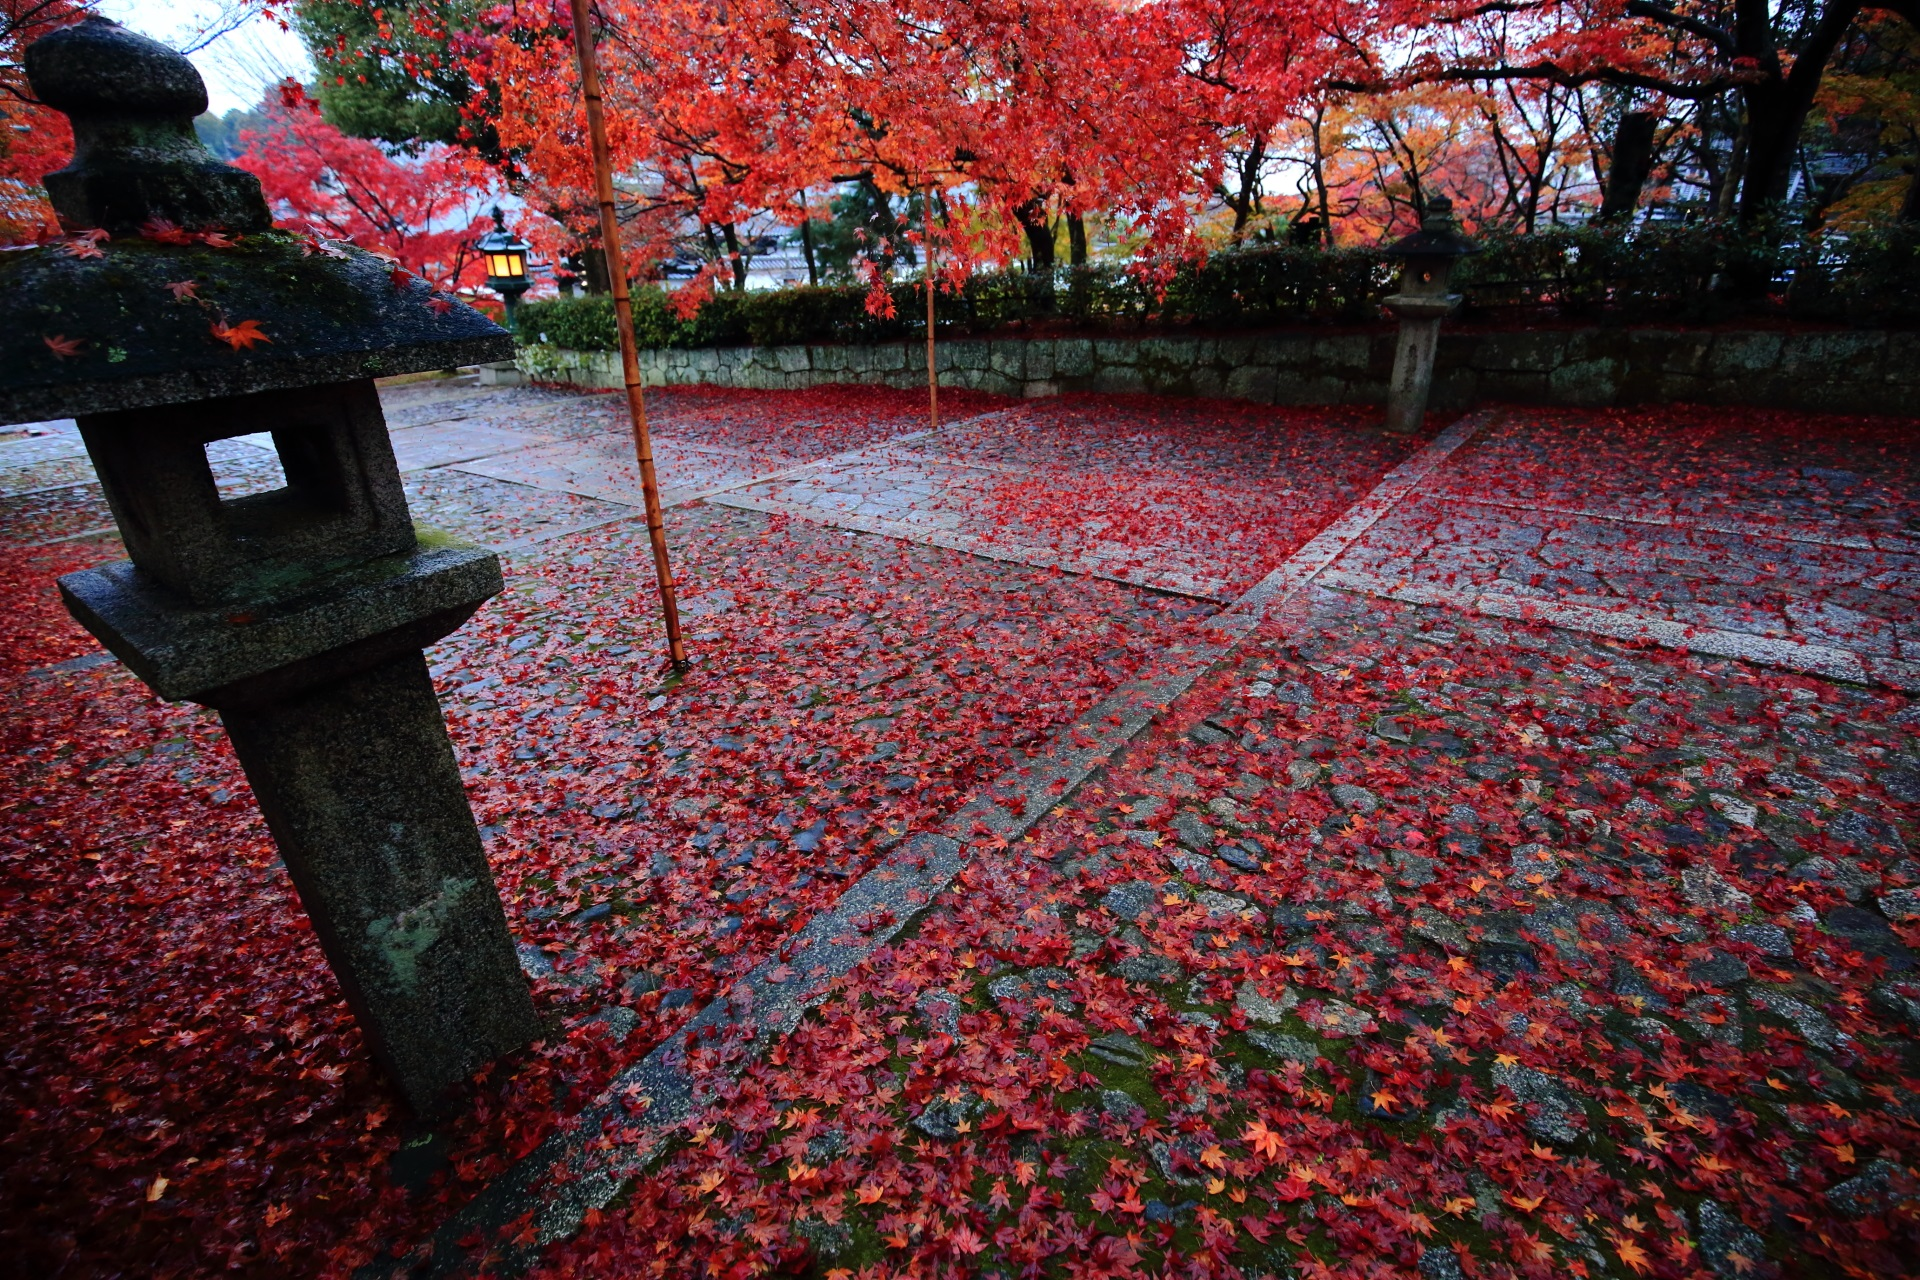 風情と華やかさを合わせ持つ圧巻の散り紅葉